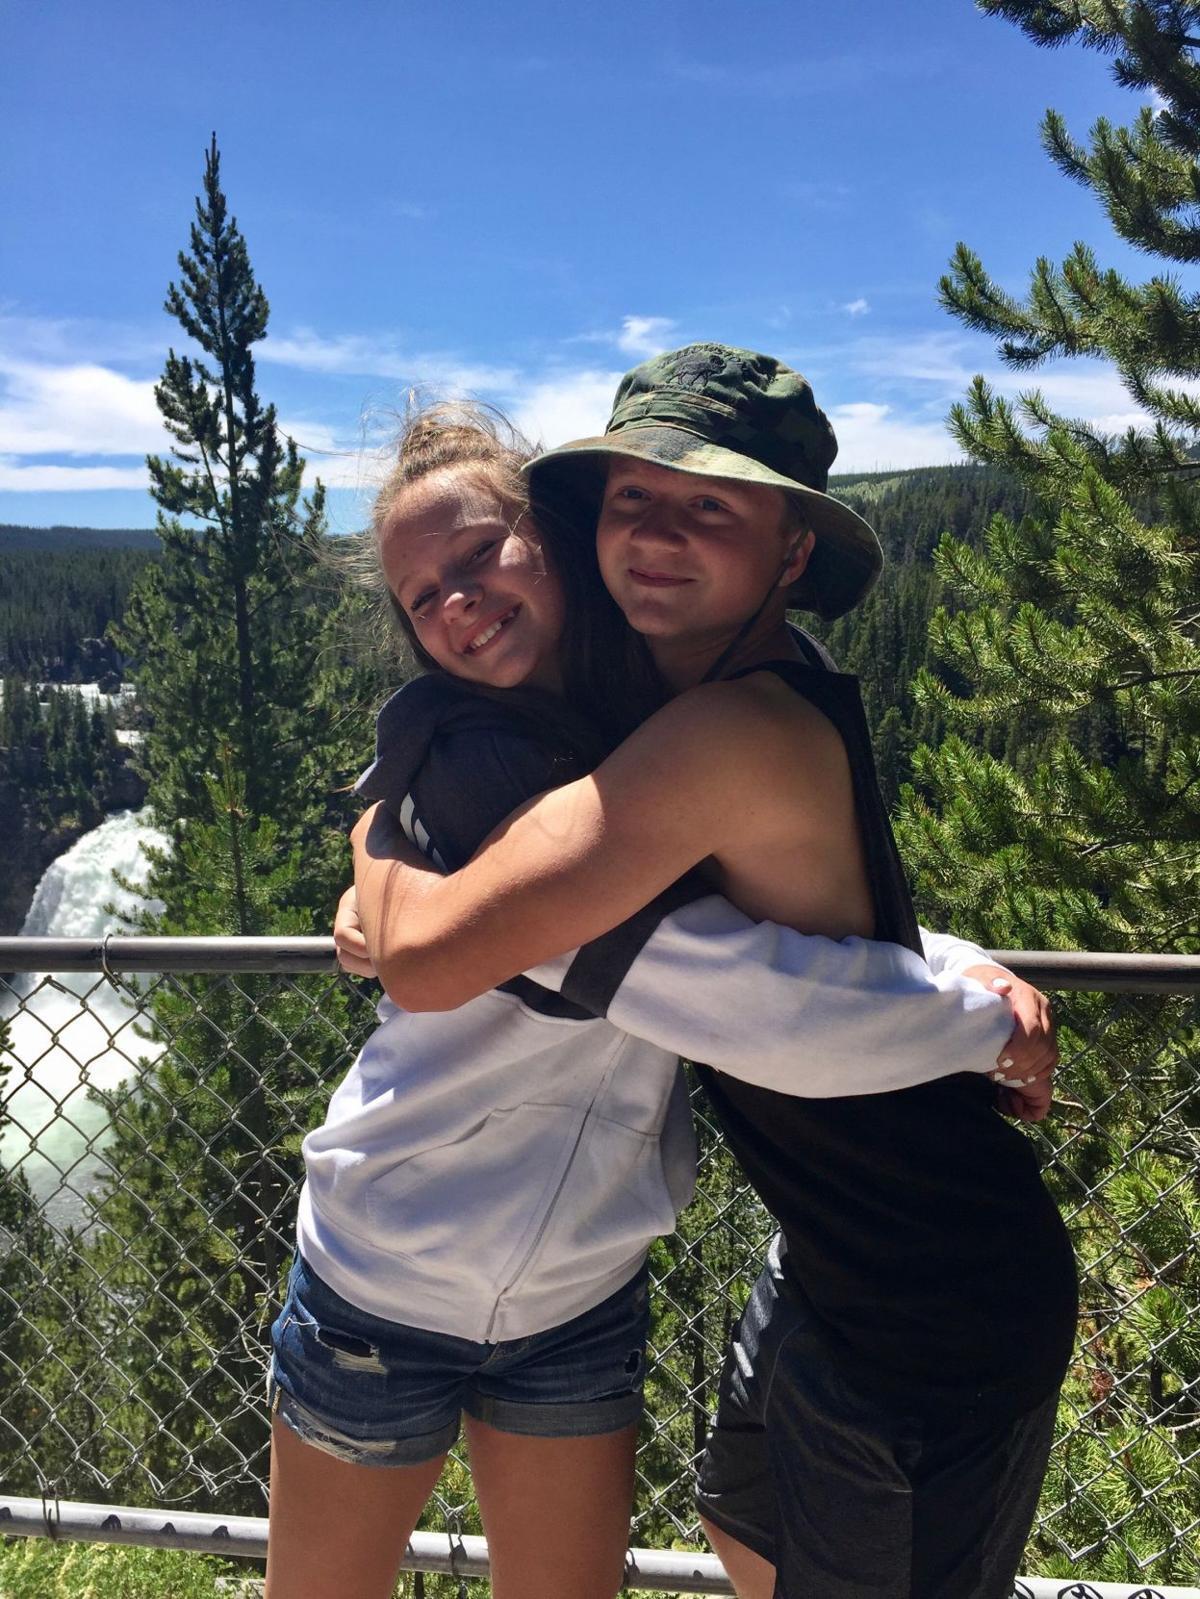 Neibaur siblings who died in crash were best friends | Local